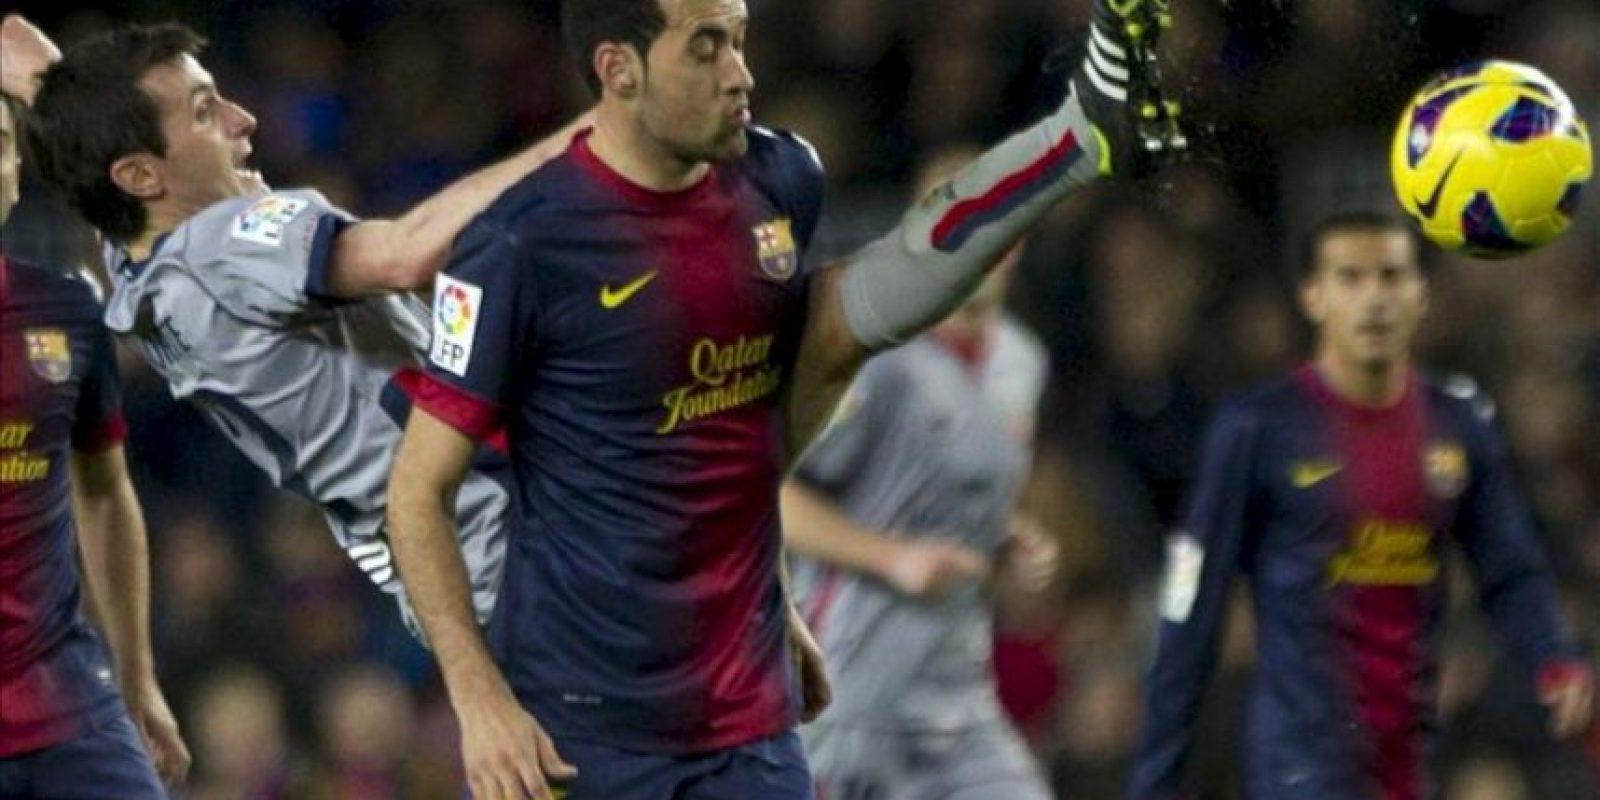 El delantero del Osasuna Joseba Llorente (izq) intenta alcanzar el balón ante la oposición del centrocampista del FC Barcelona Sergio Busquets, durante el partido de la vigésimo primera jornada de Liga de Primera División disputado en el Camp Nou de Barcelona. EFE